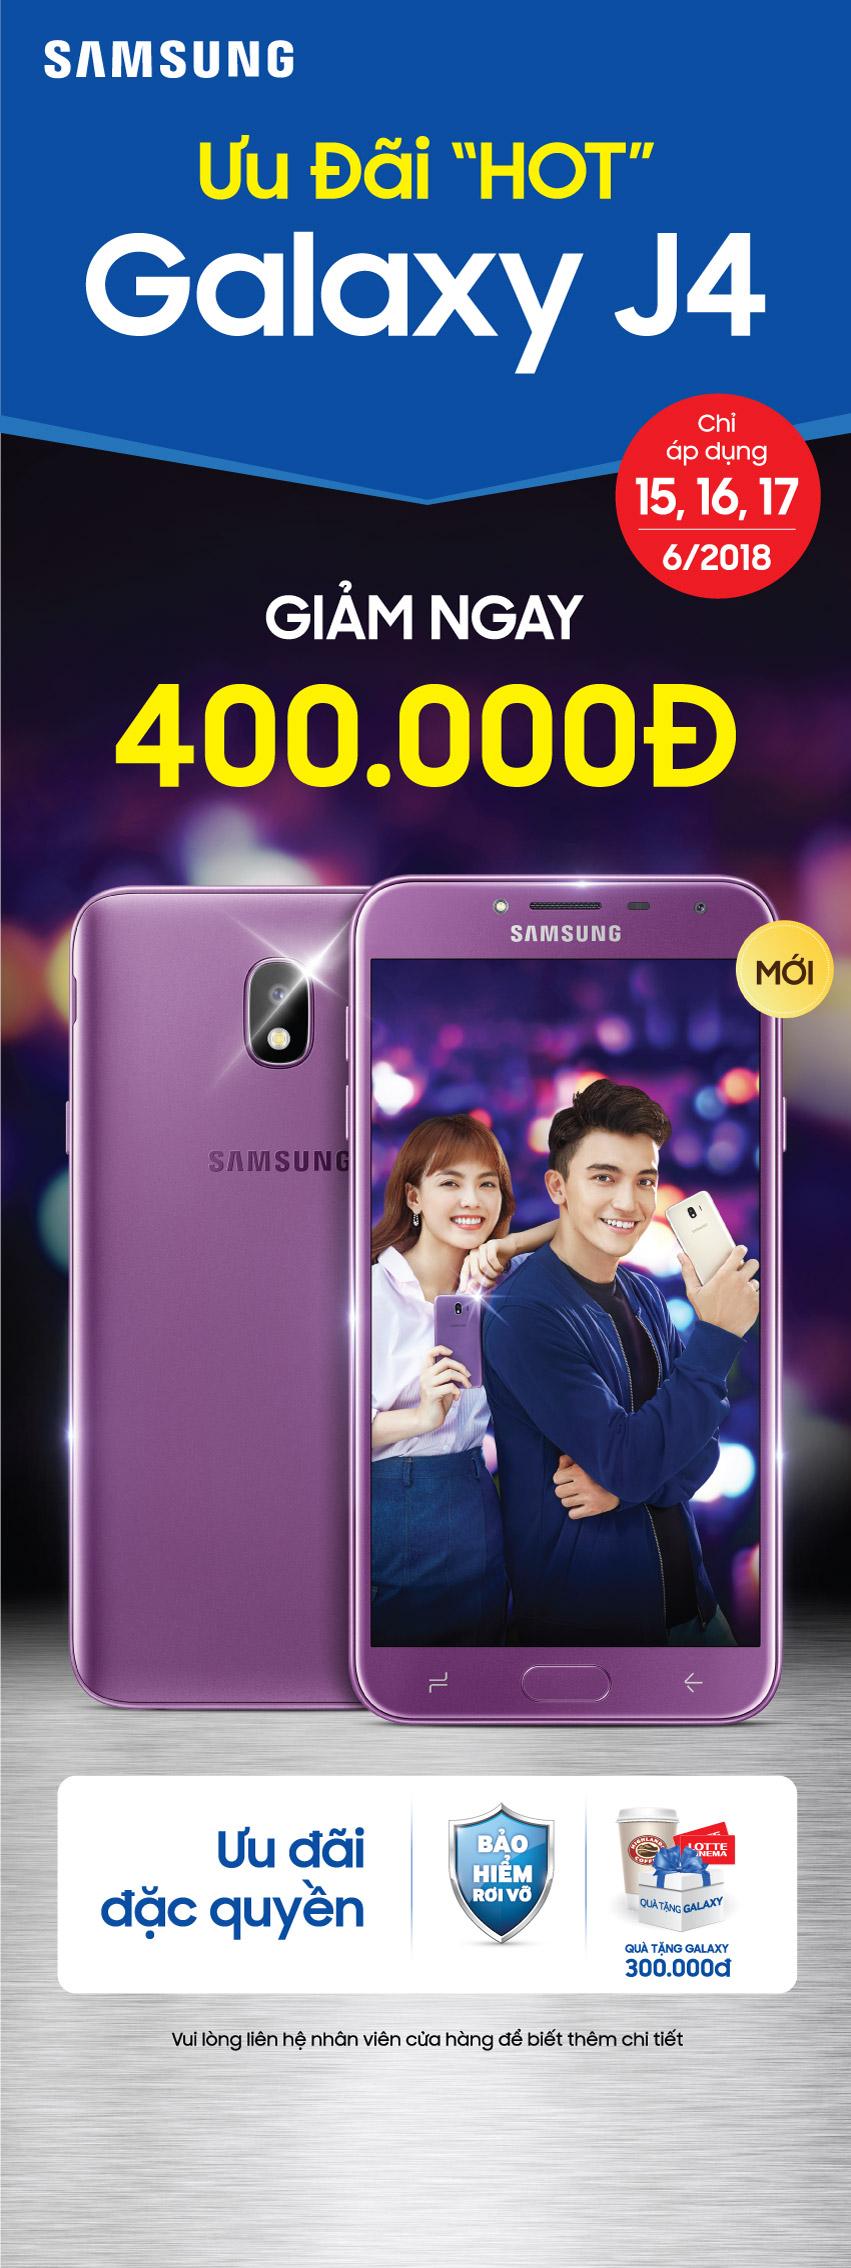 Ưu đãi HOT Galaxy J4 giảm ngay 400.000đ khi mua từ ngày 15 đến 17/6 hình 1